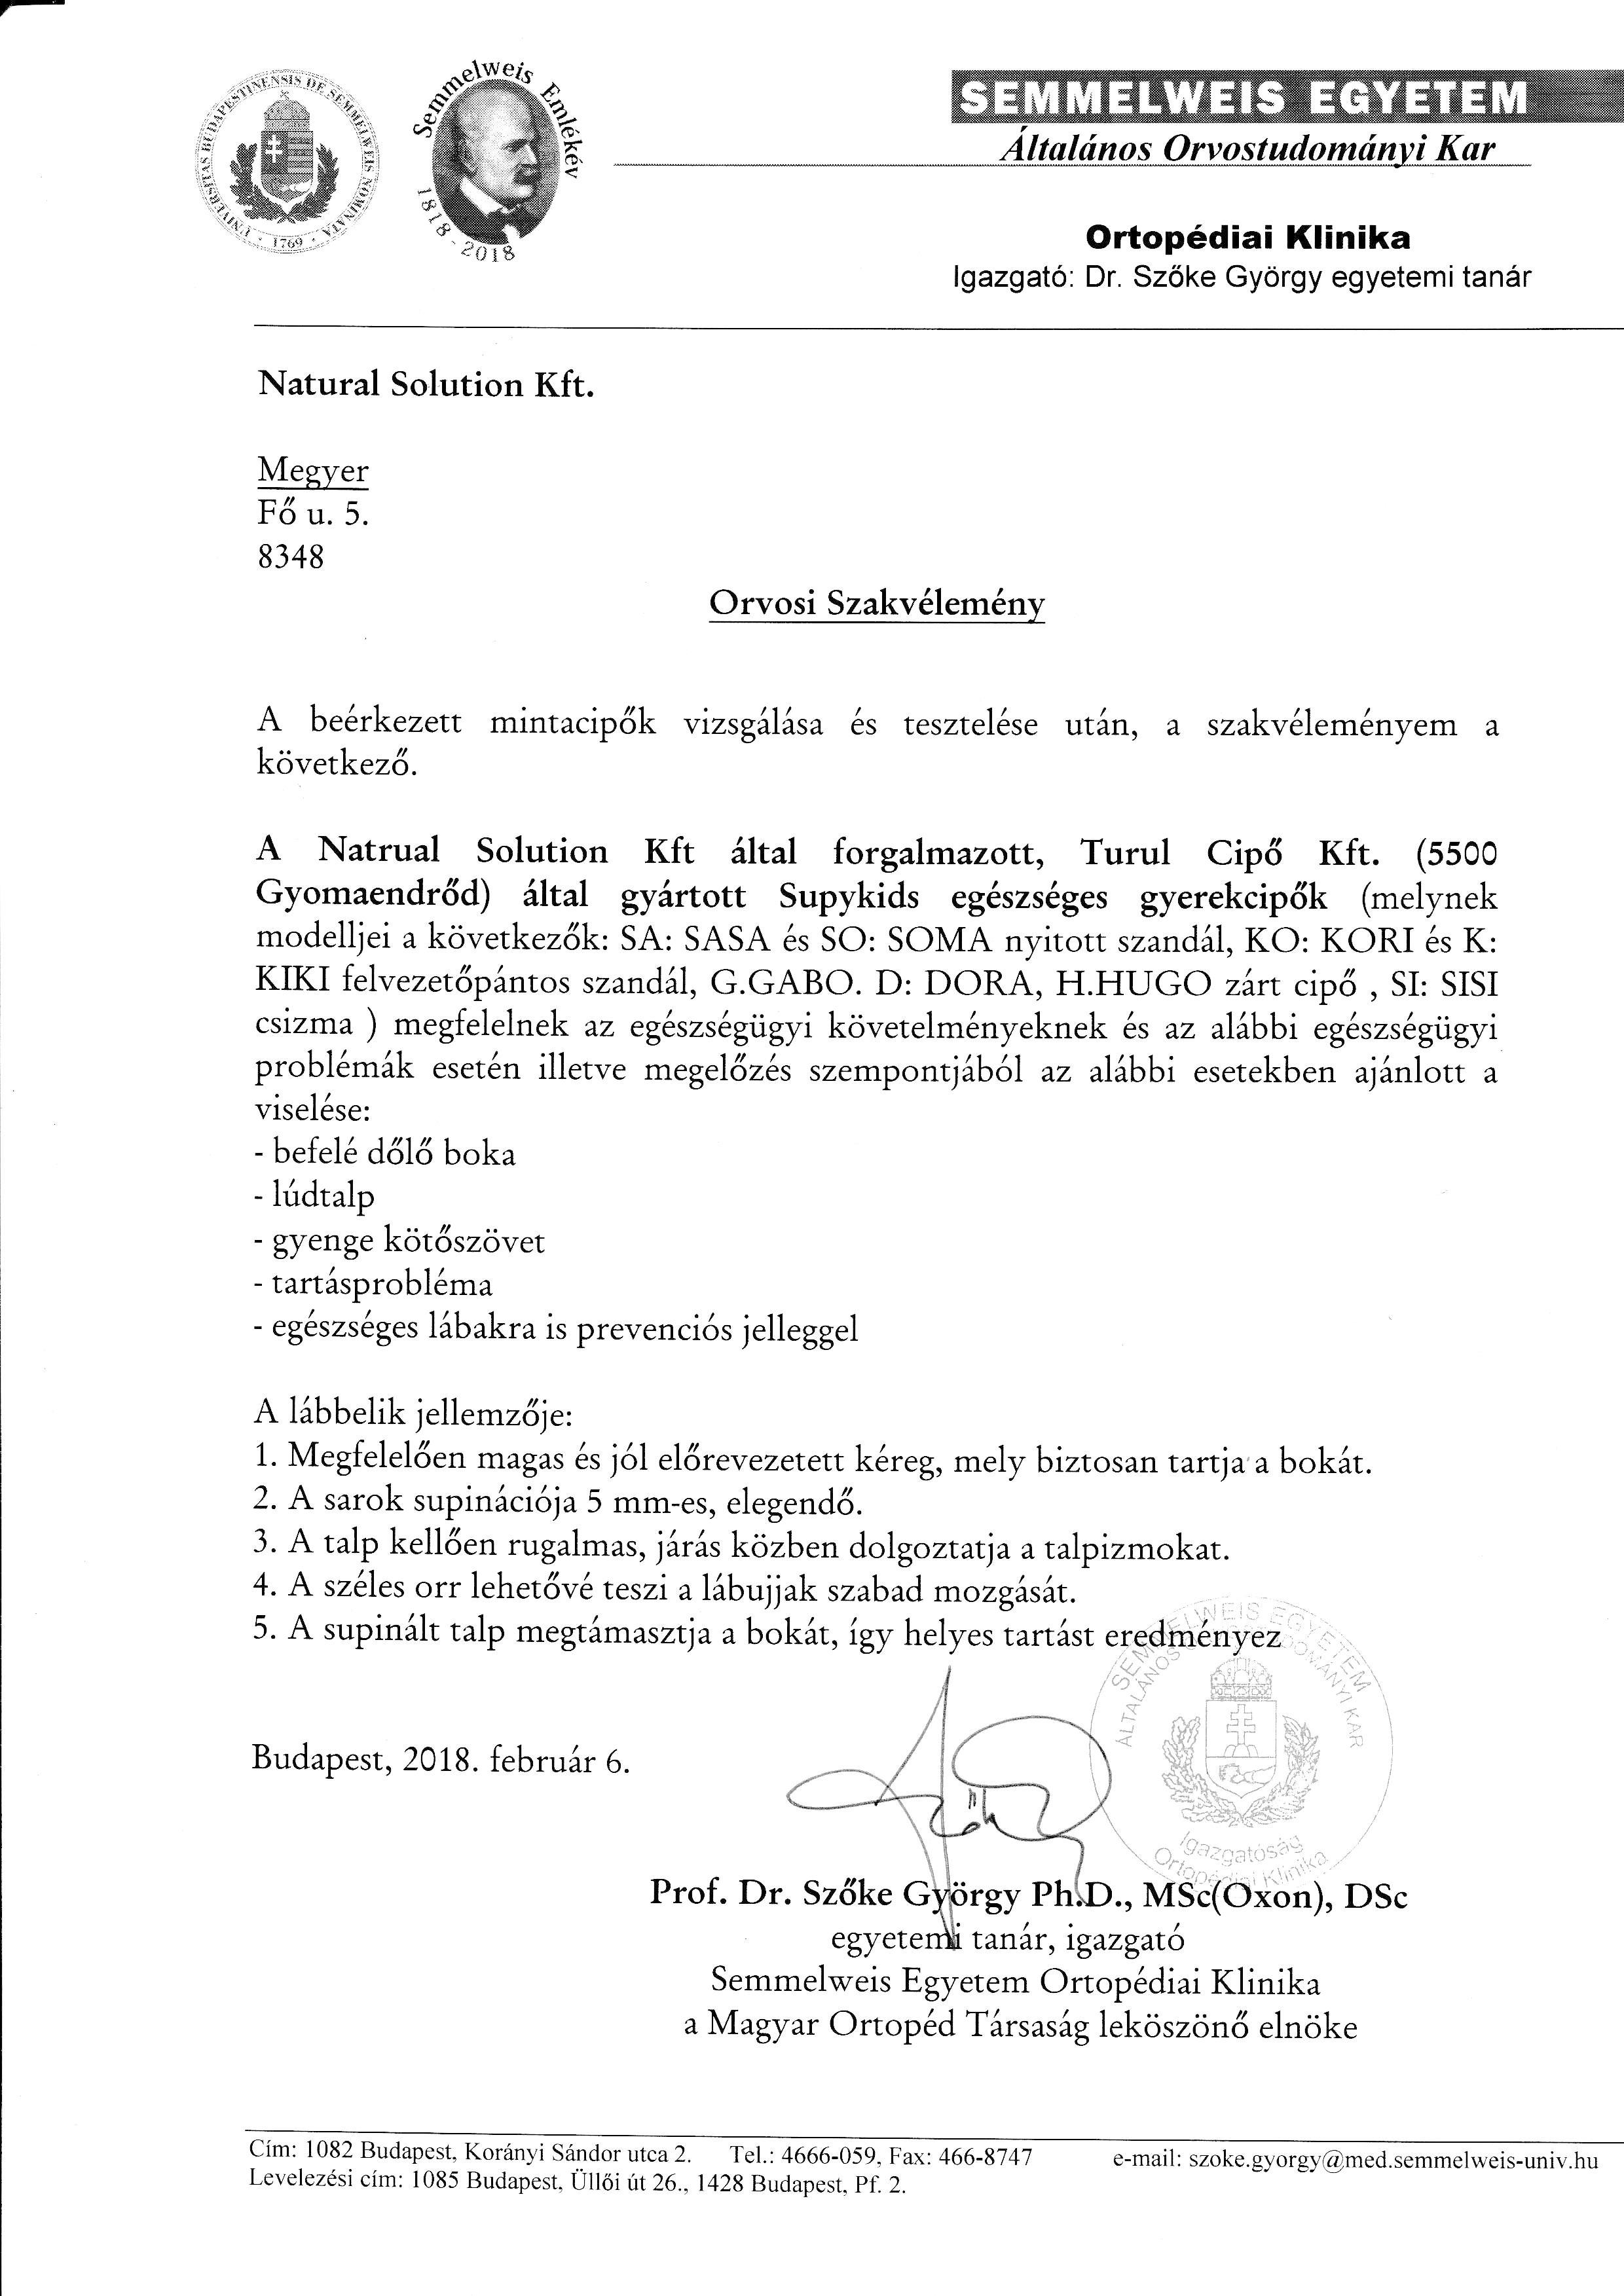 Supykids - orvosi szakvélemény